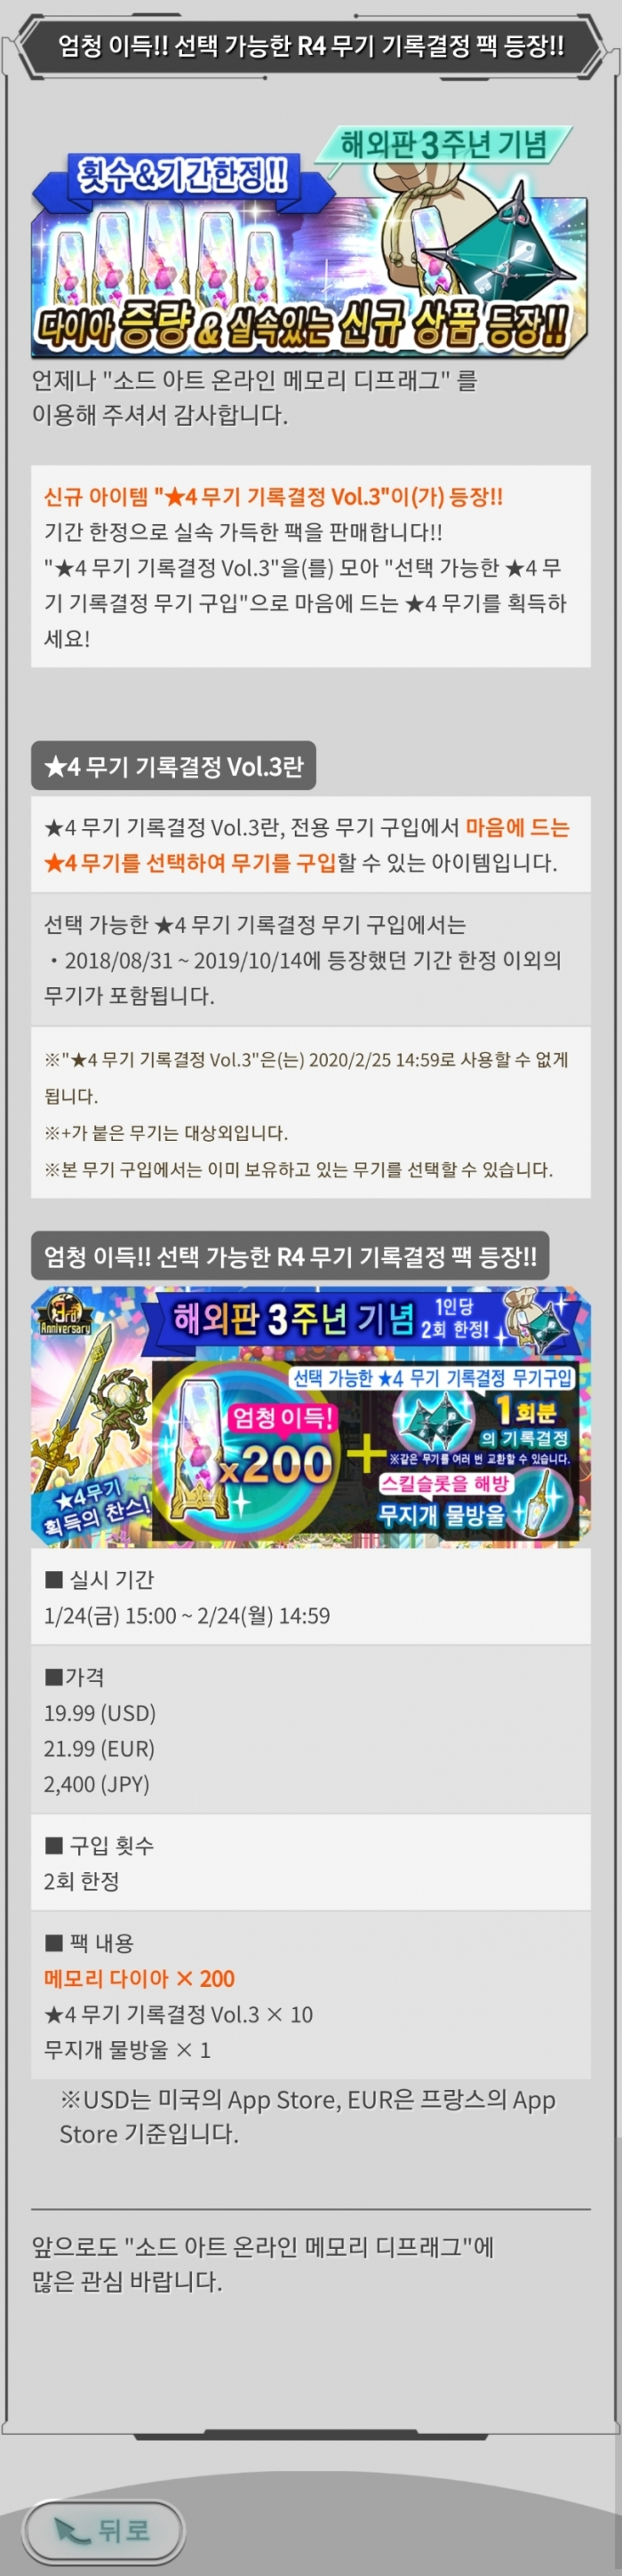 KakaoTalk_20200124_150323557_02.jpg